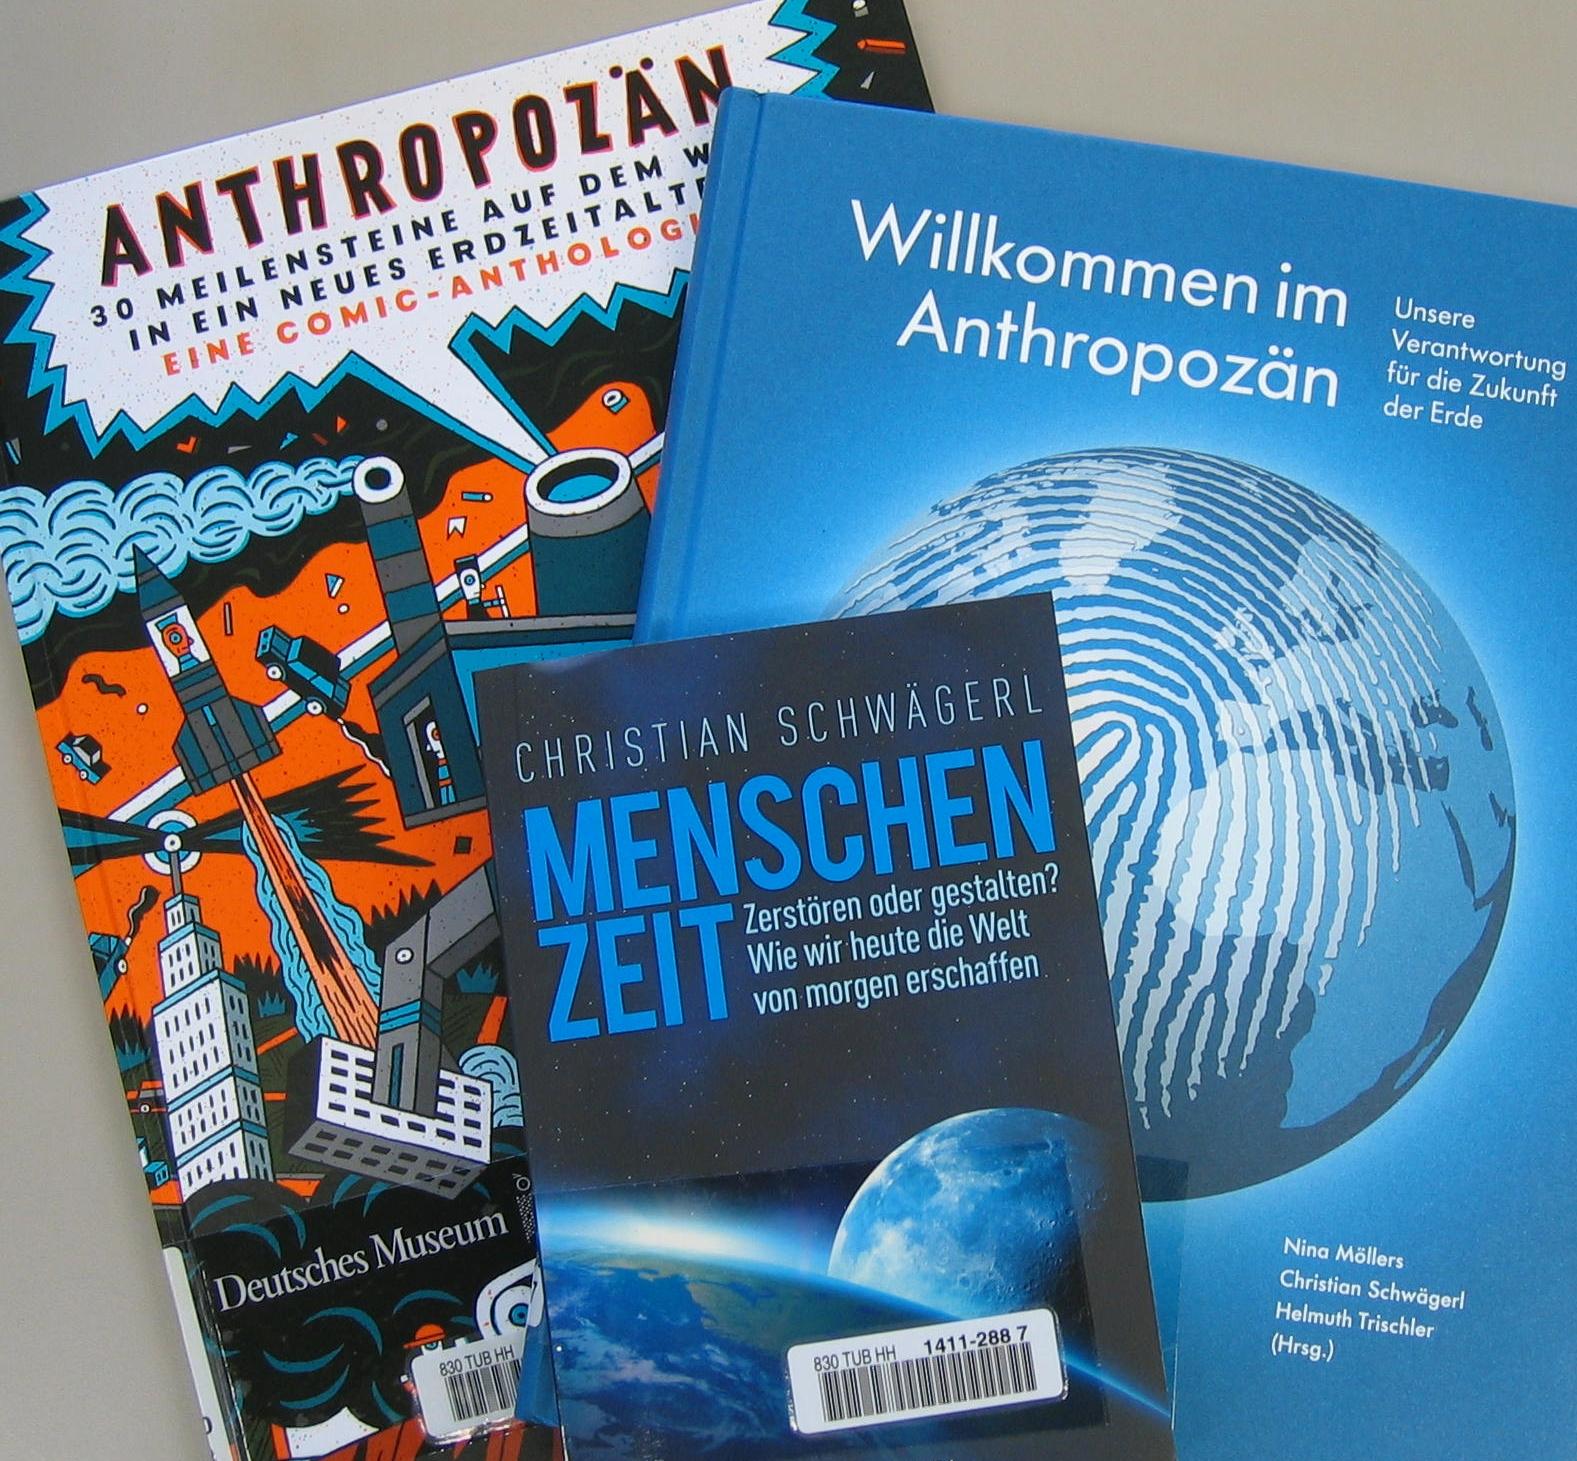 Bücher zum Thema Anthropozän in der TUHH-Bibliothek